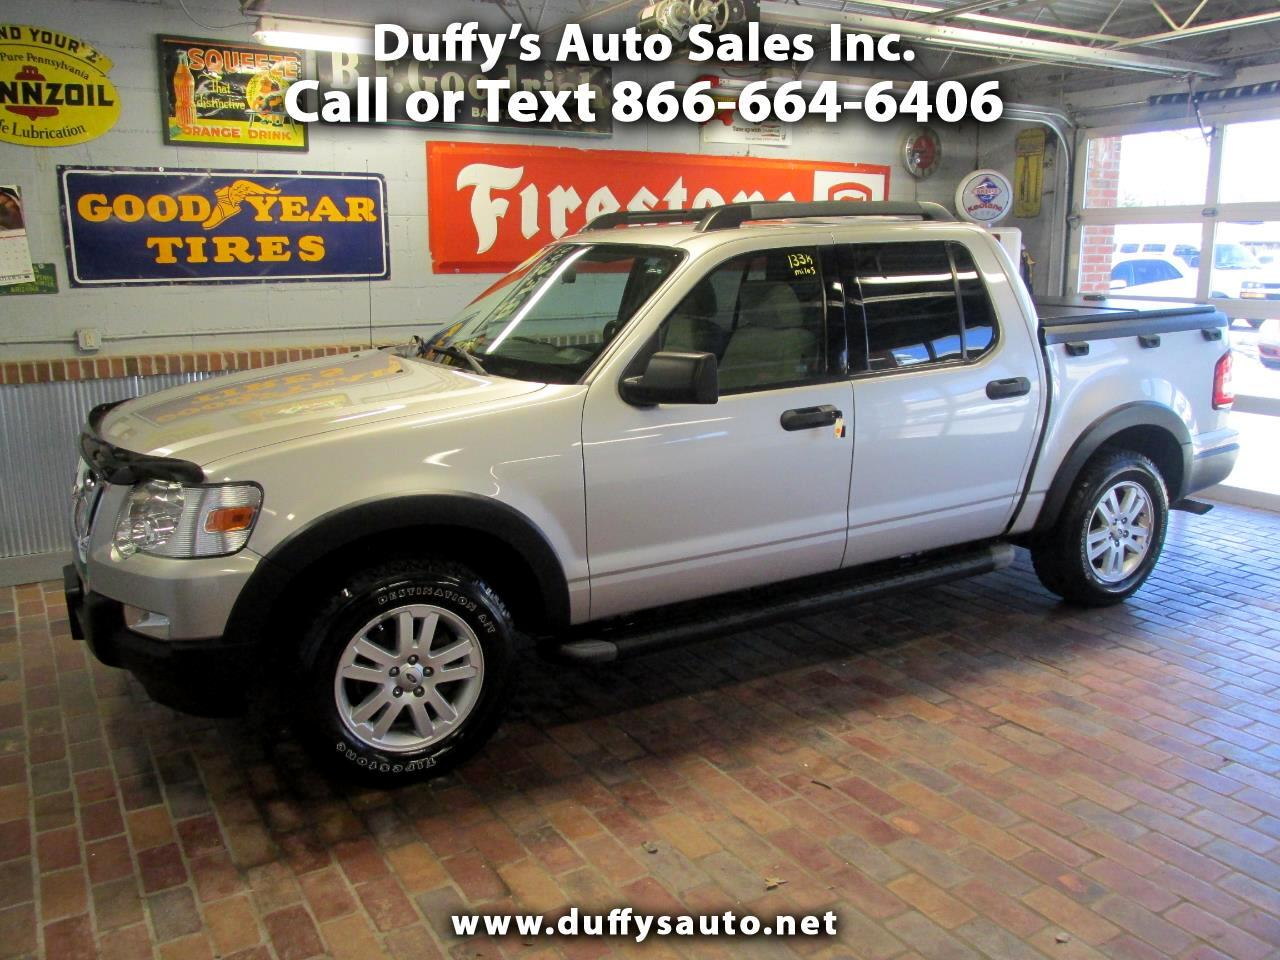 2008 Ford Explorer Sport Trac 4WD 4dr V6 XLT